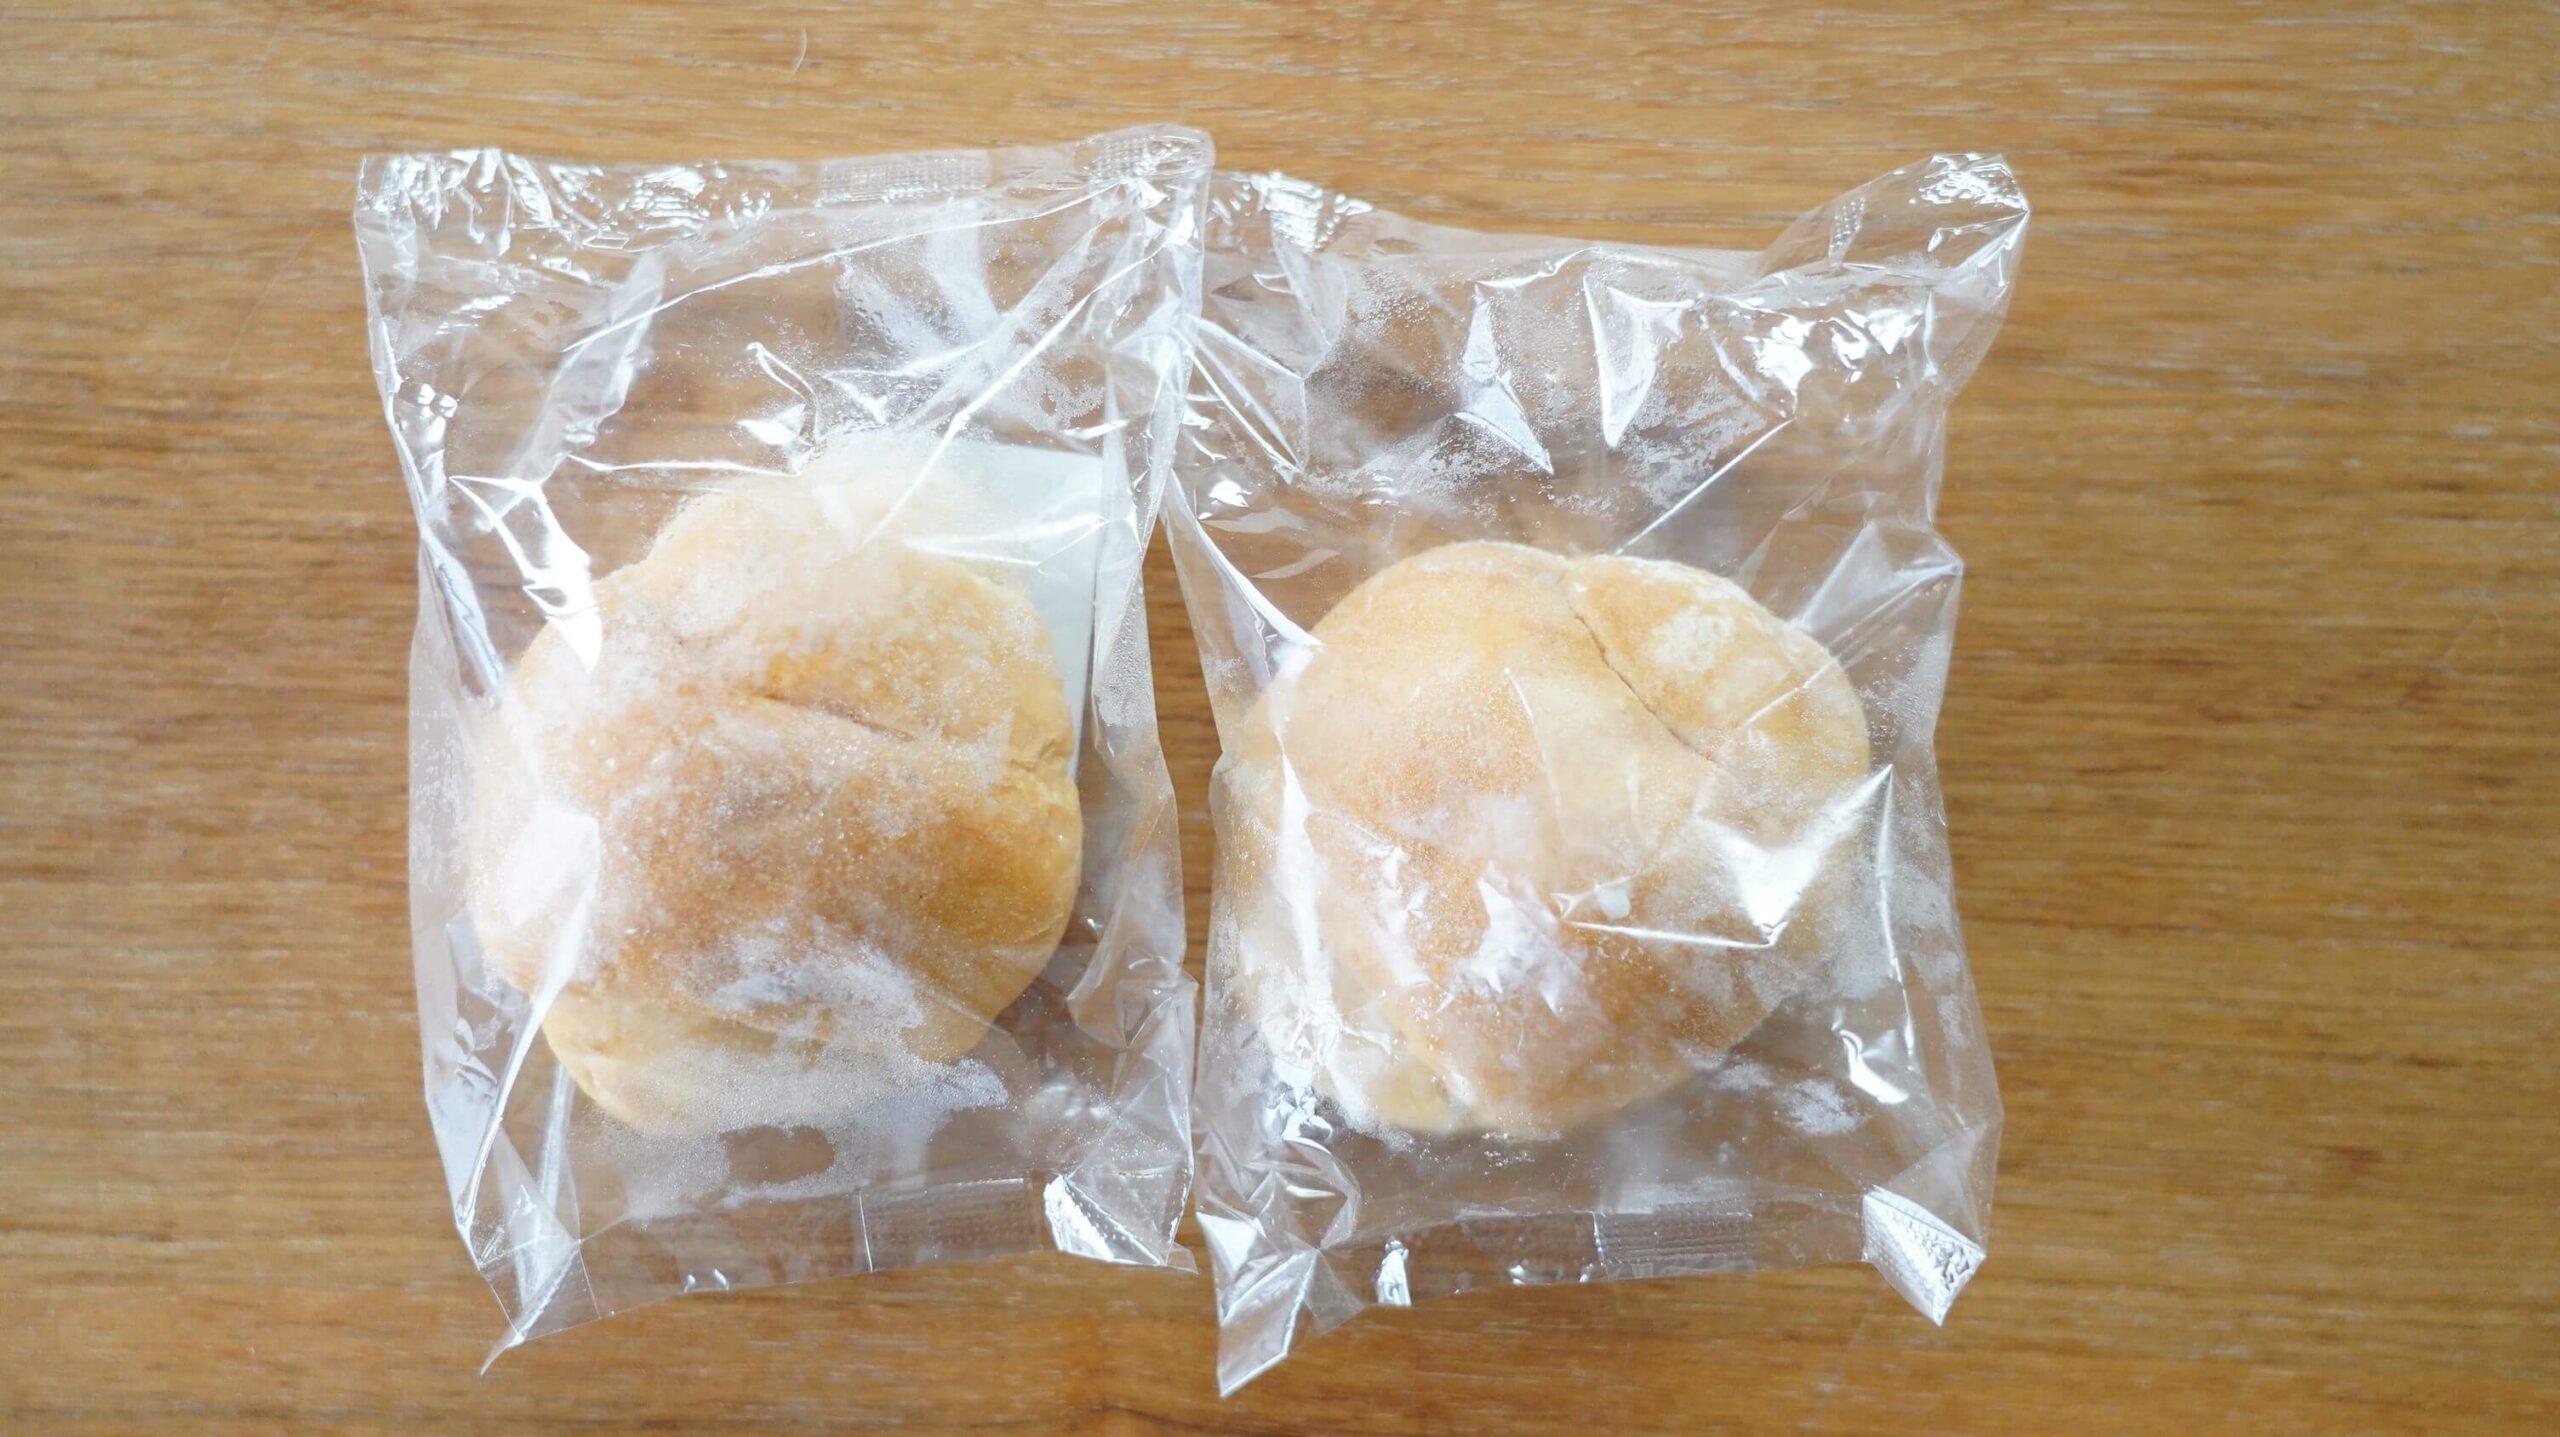 nosh(ナッシュ)の冷凍食品「バターロールパン」のパッケージの写真